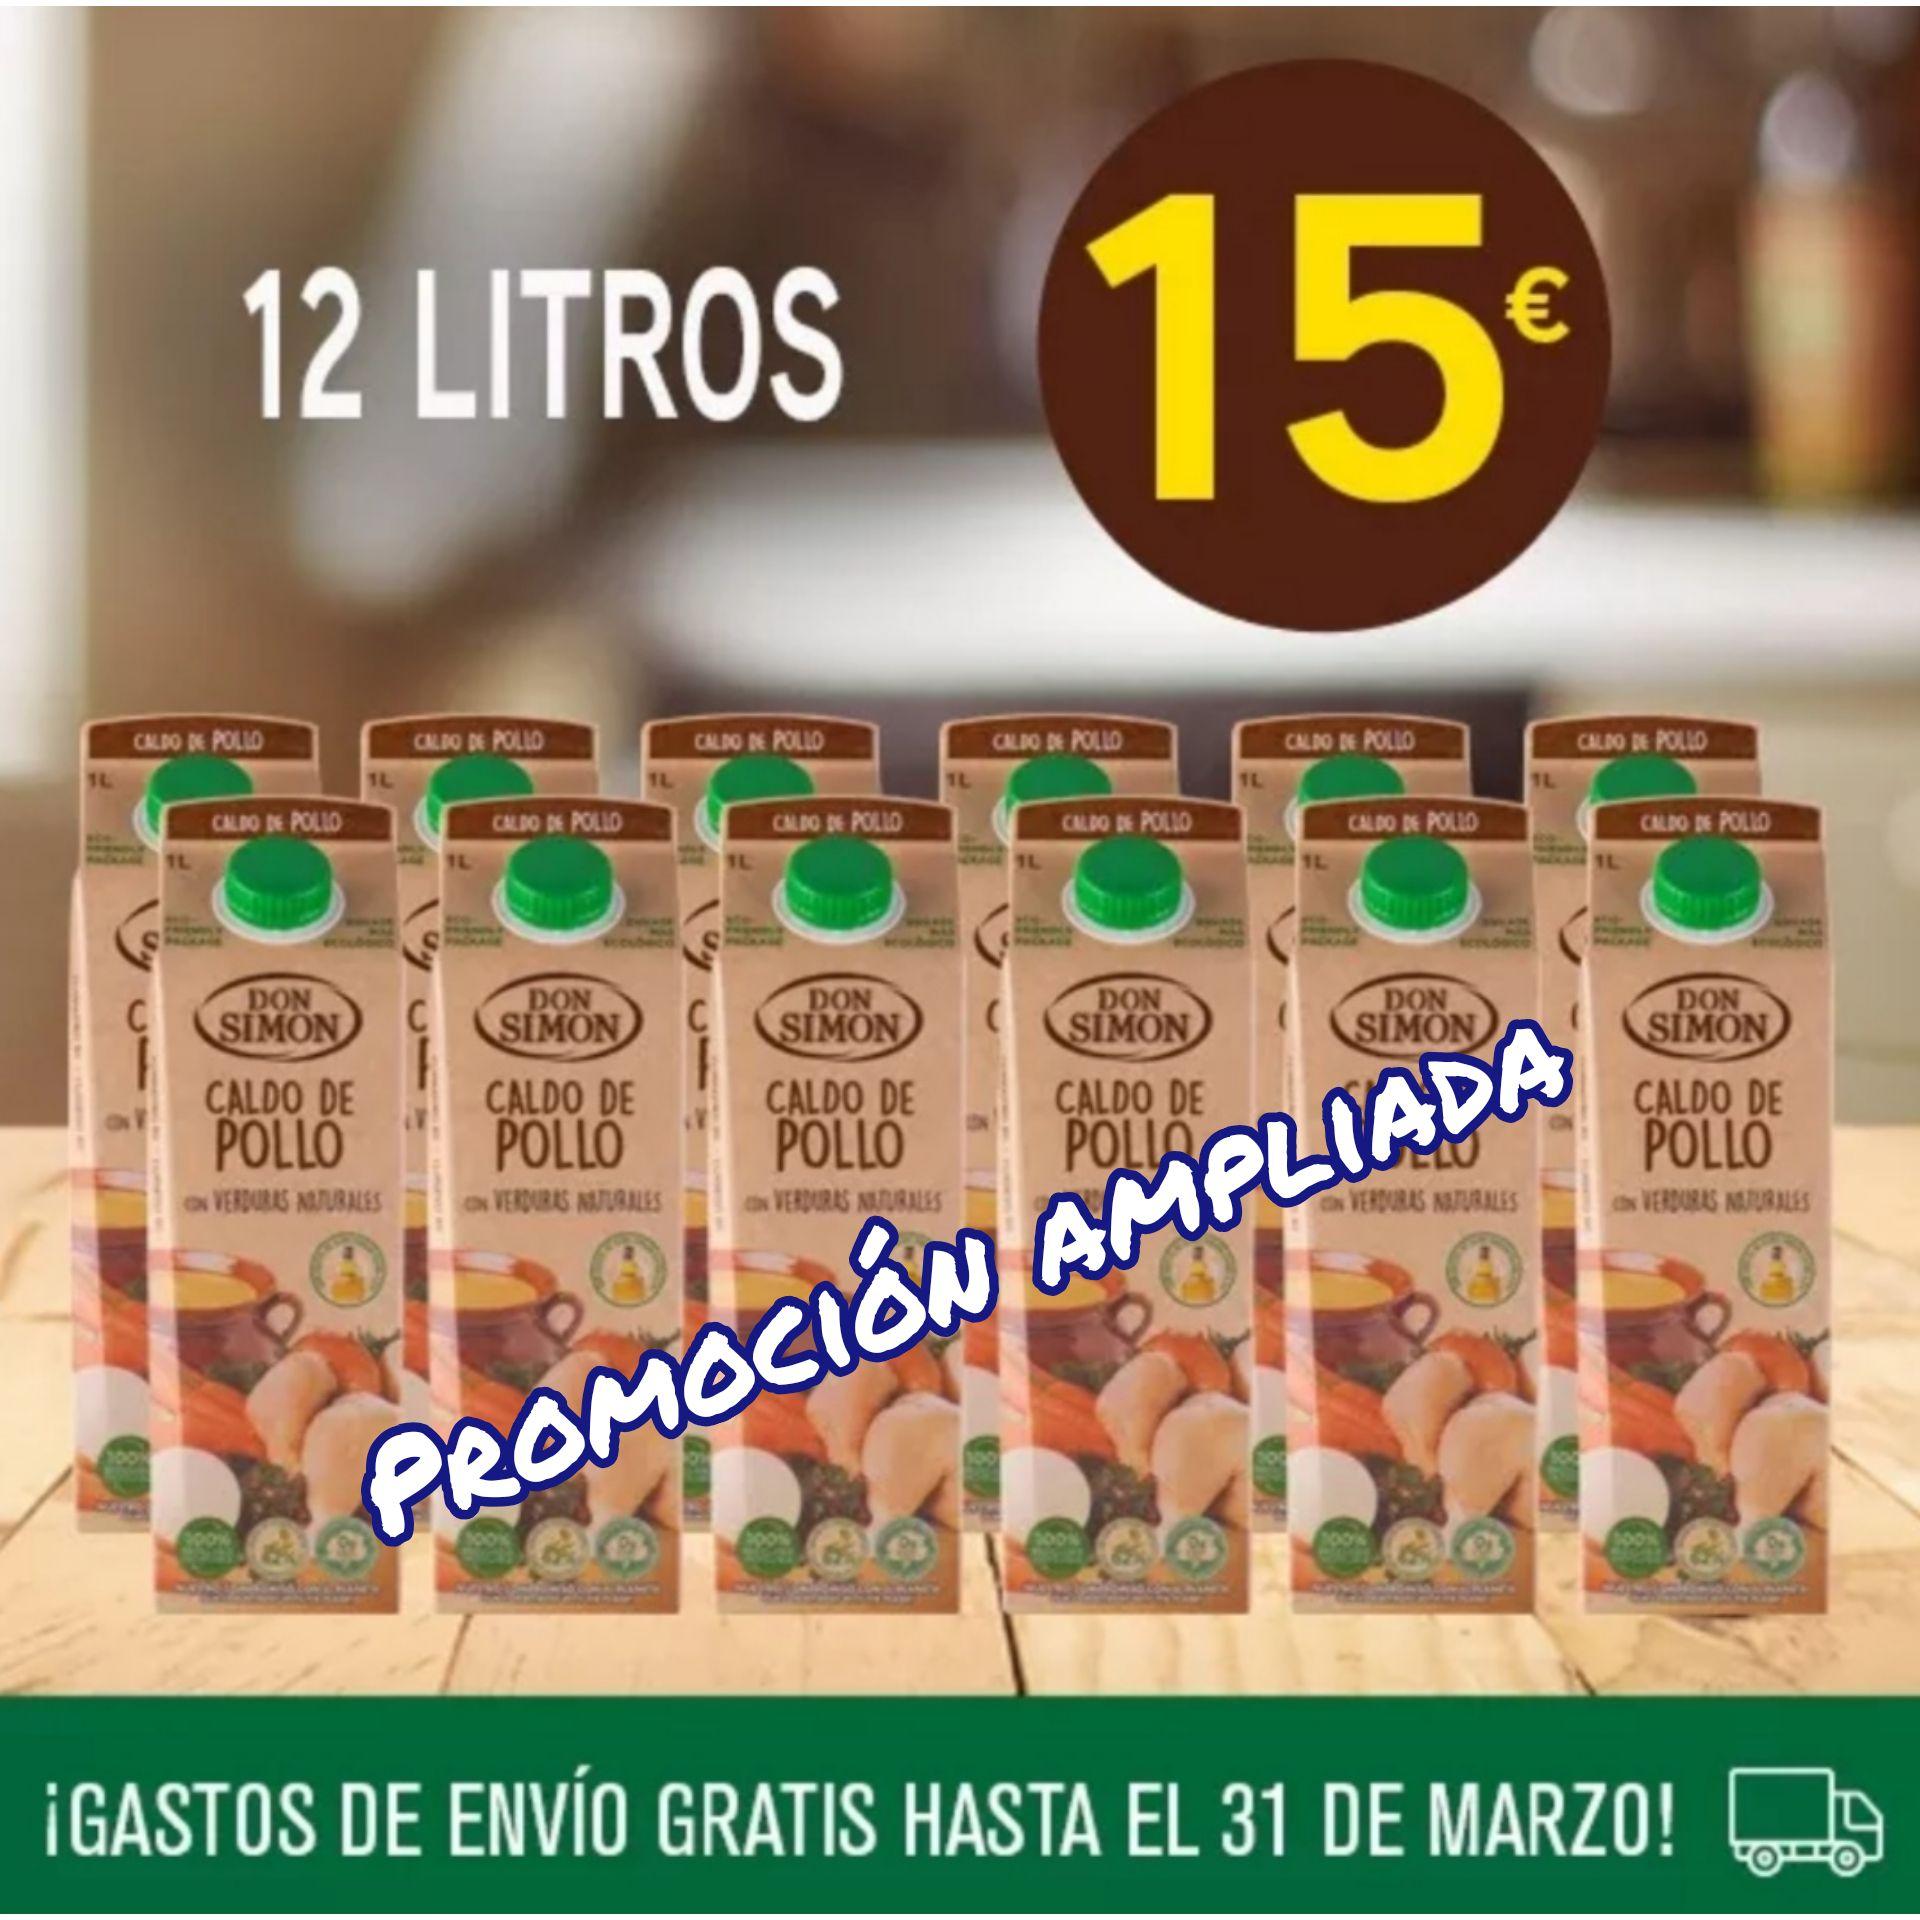 Don Simón   20% dto + envío gratis